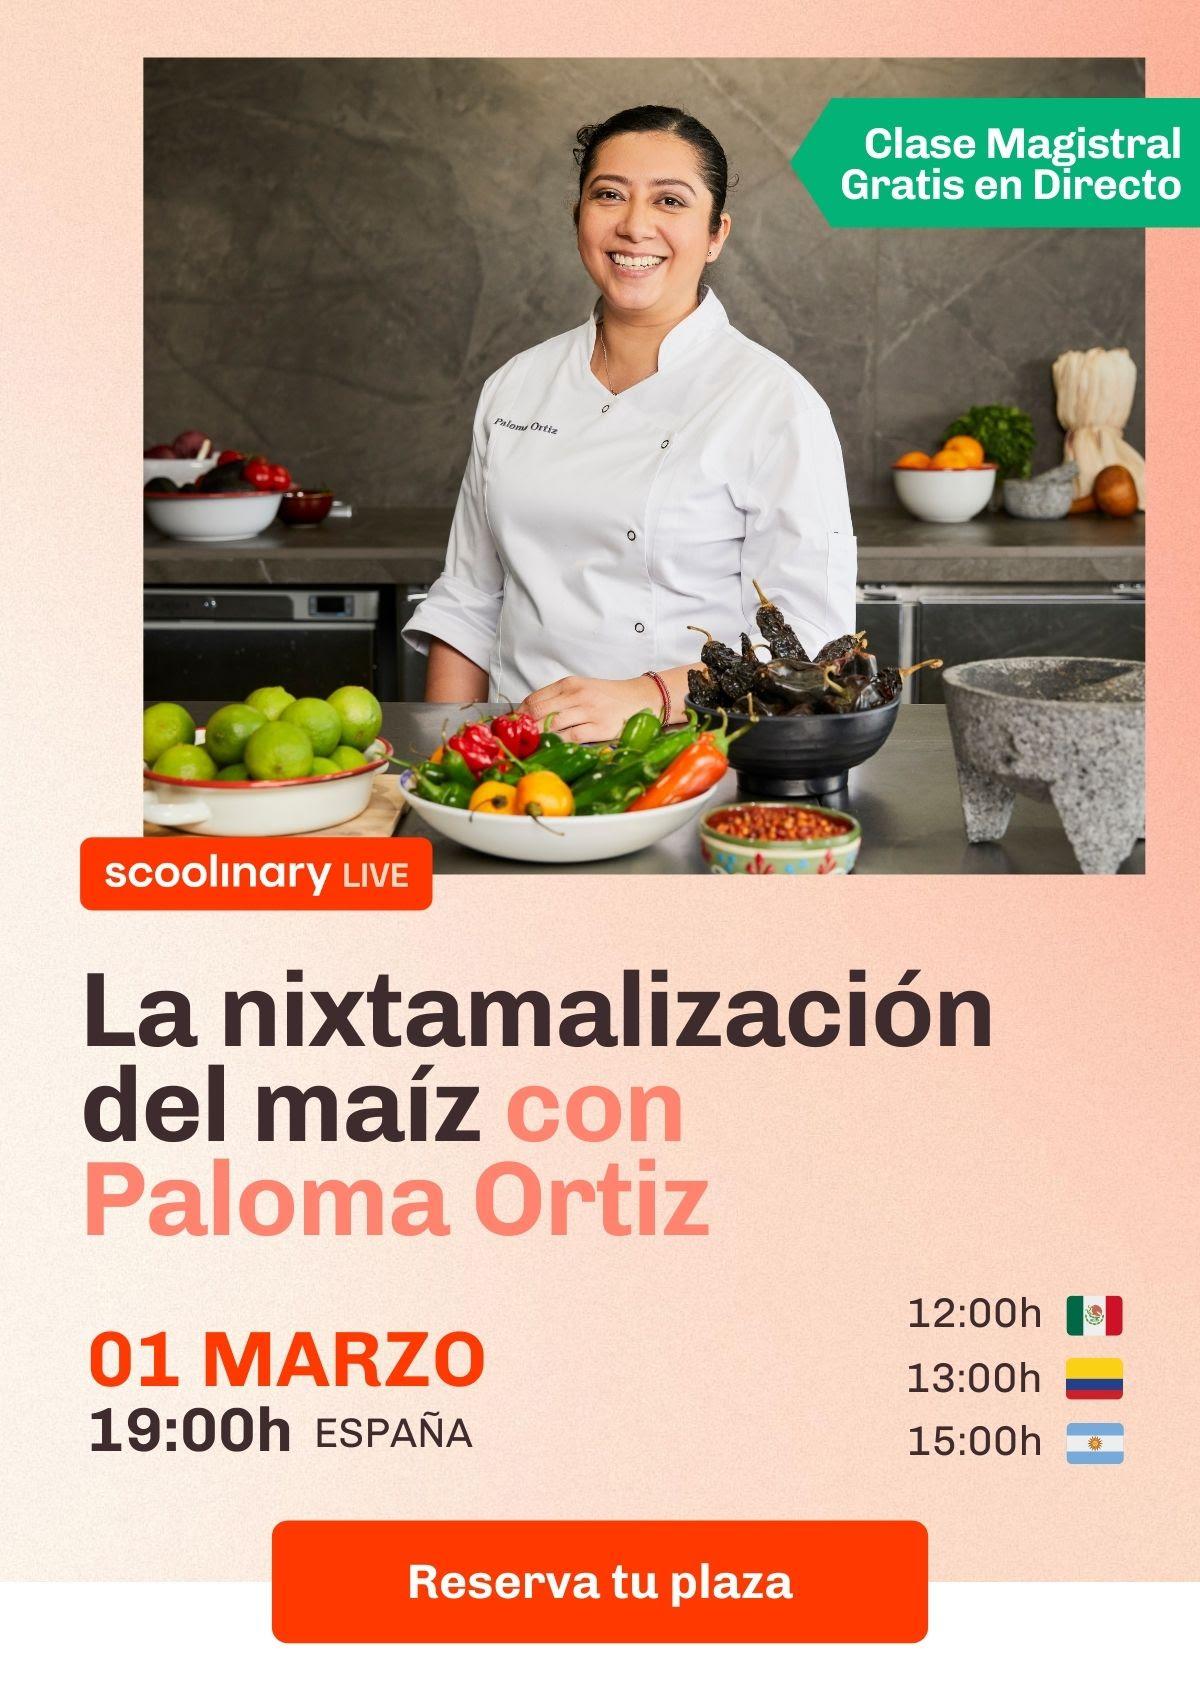 Scoolinary lanza clases magistrales gratis y en directo con los mejores chefs